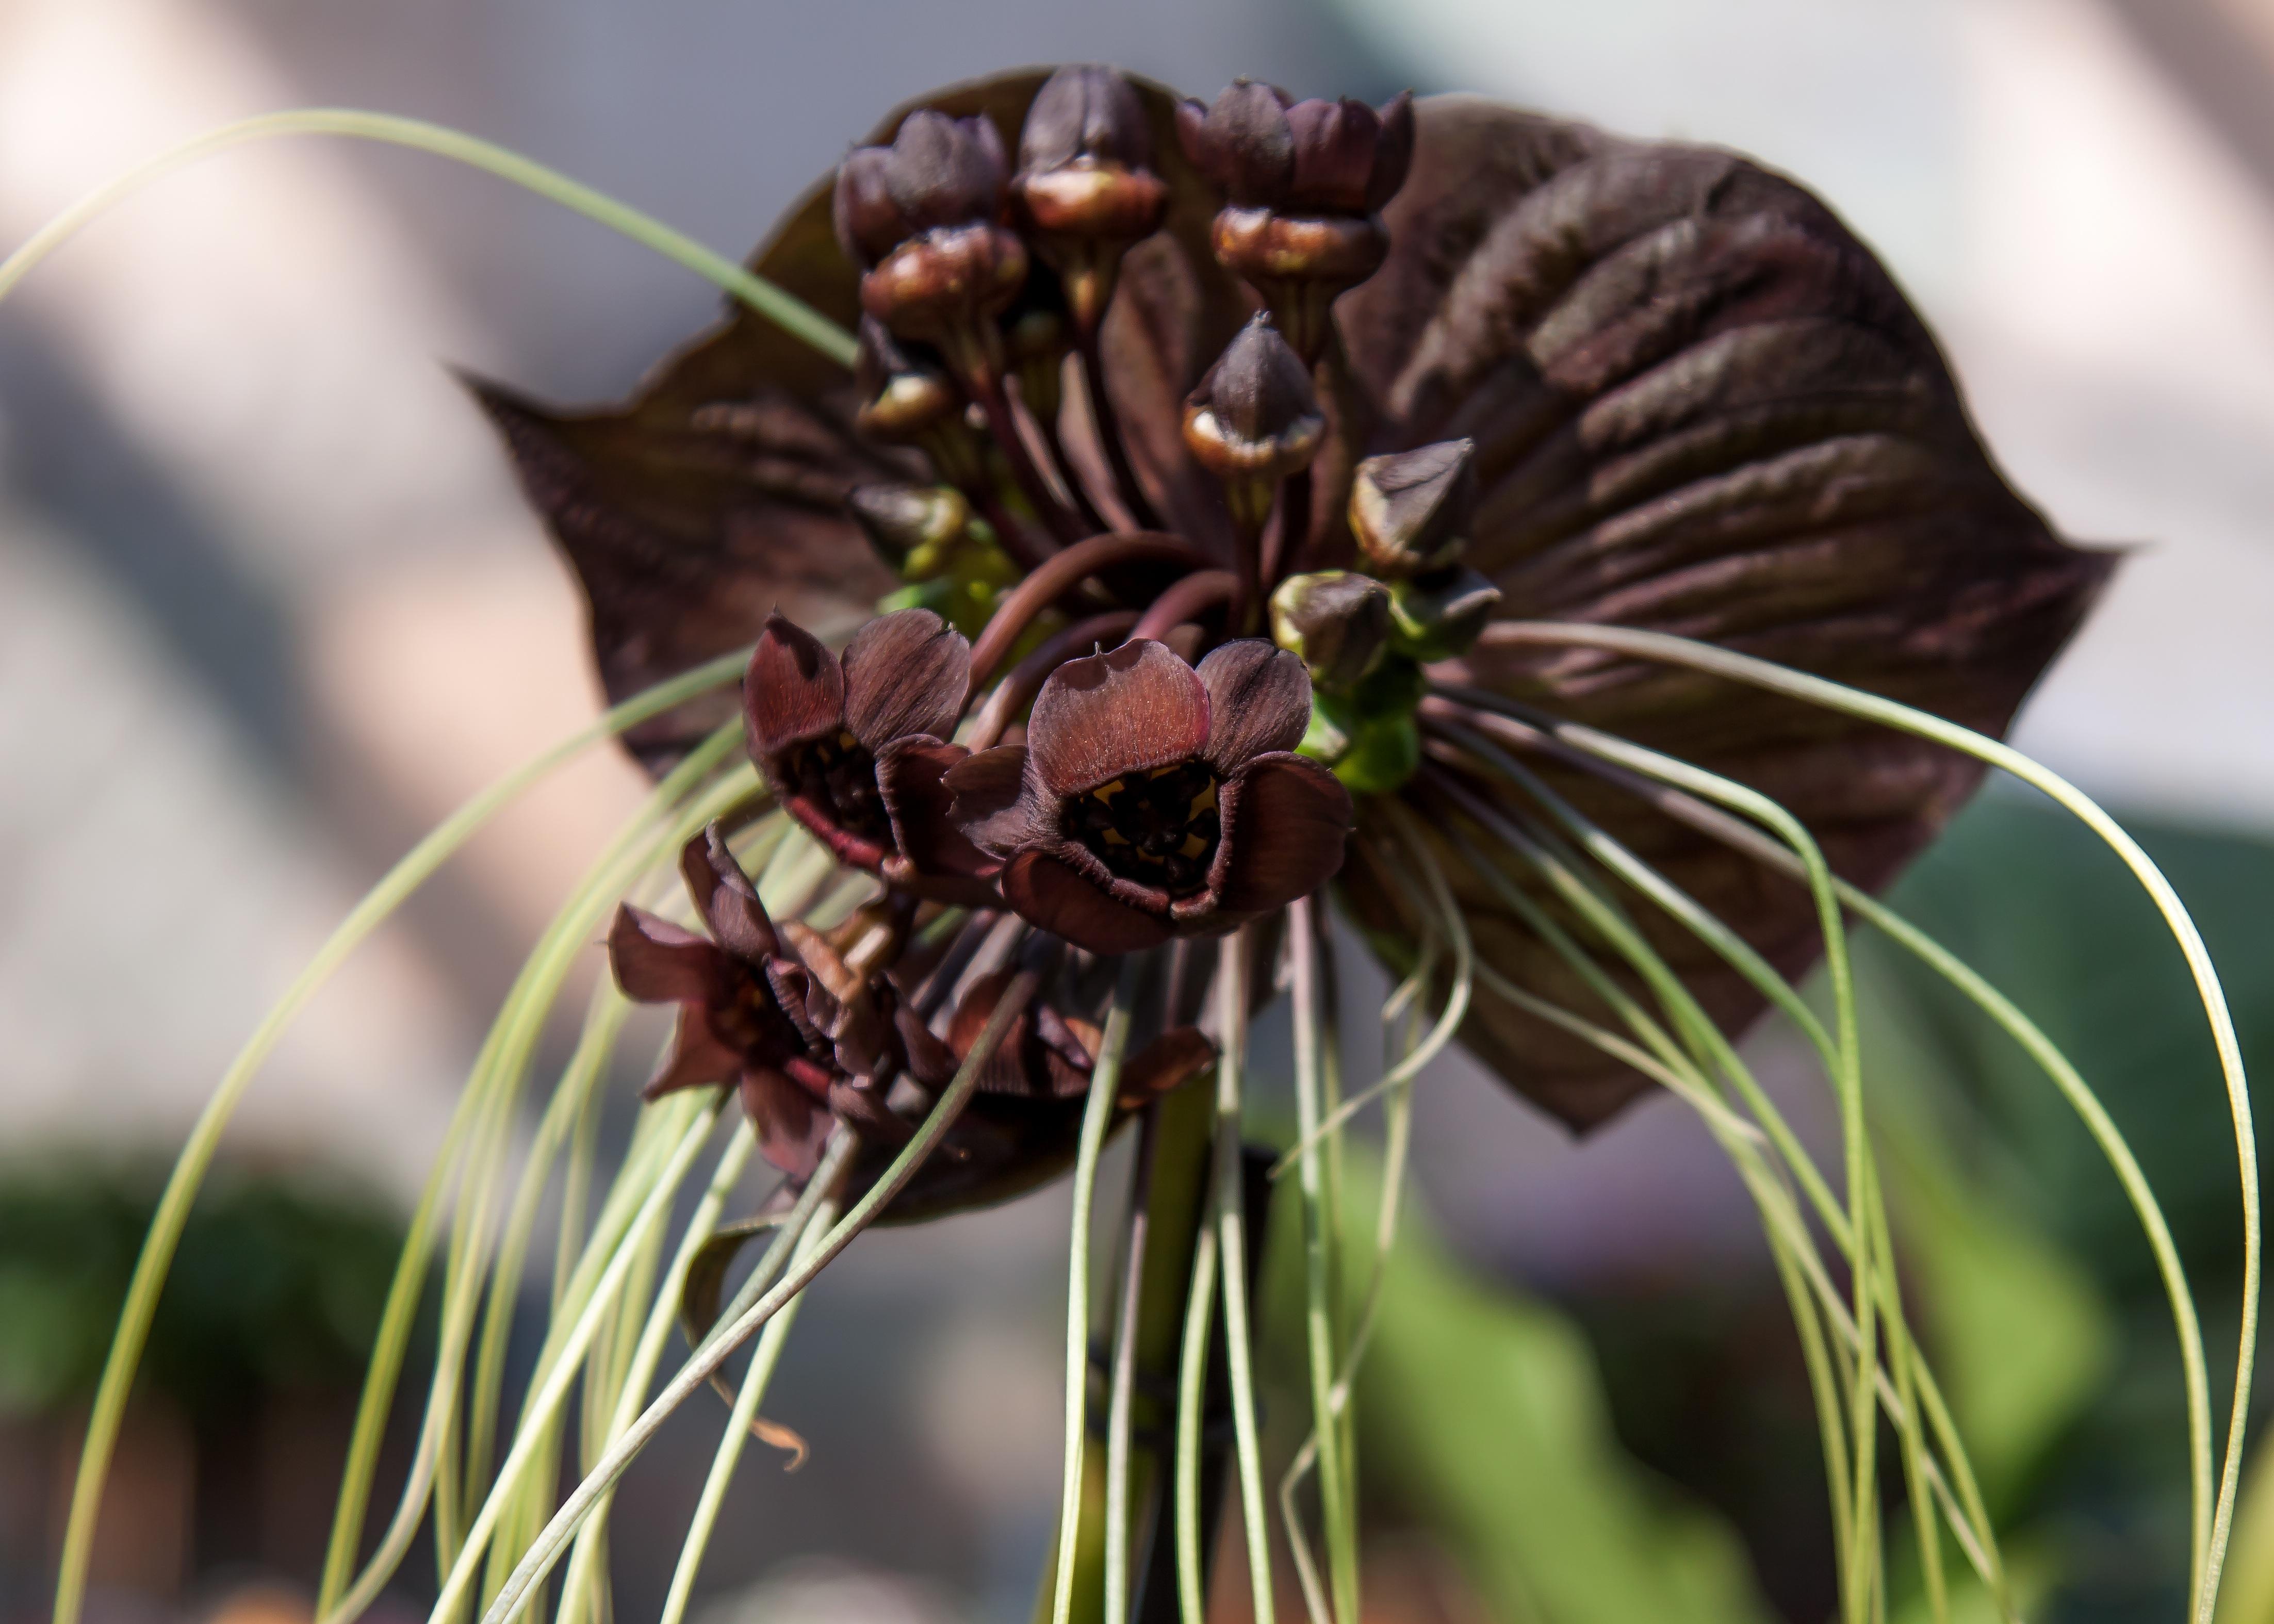 Free Images Nature Blossom Leaf Flower Petal Bloom Botany